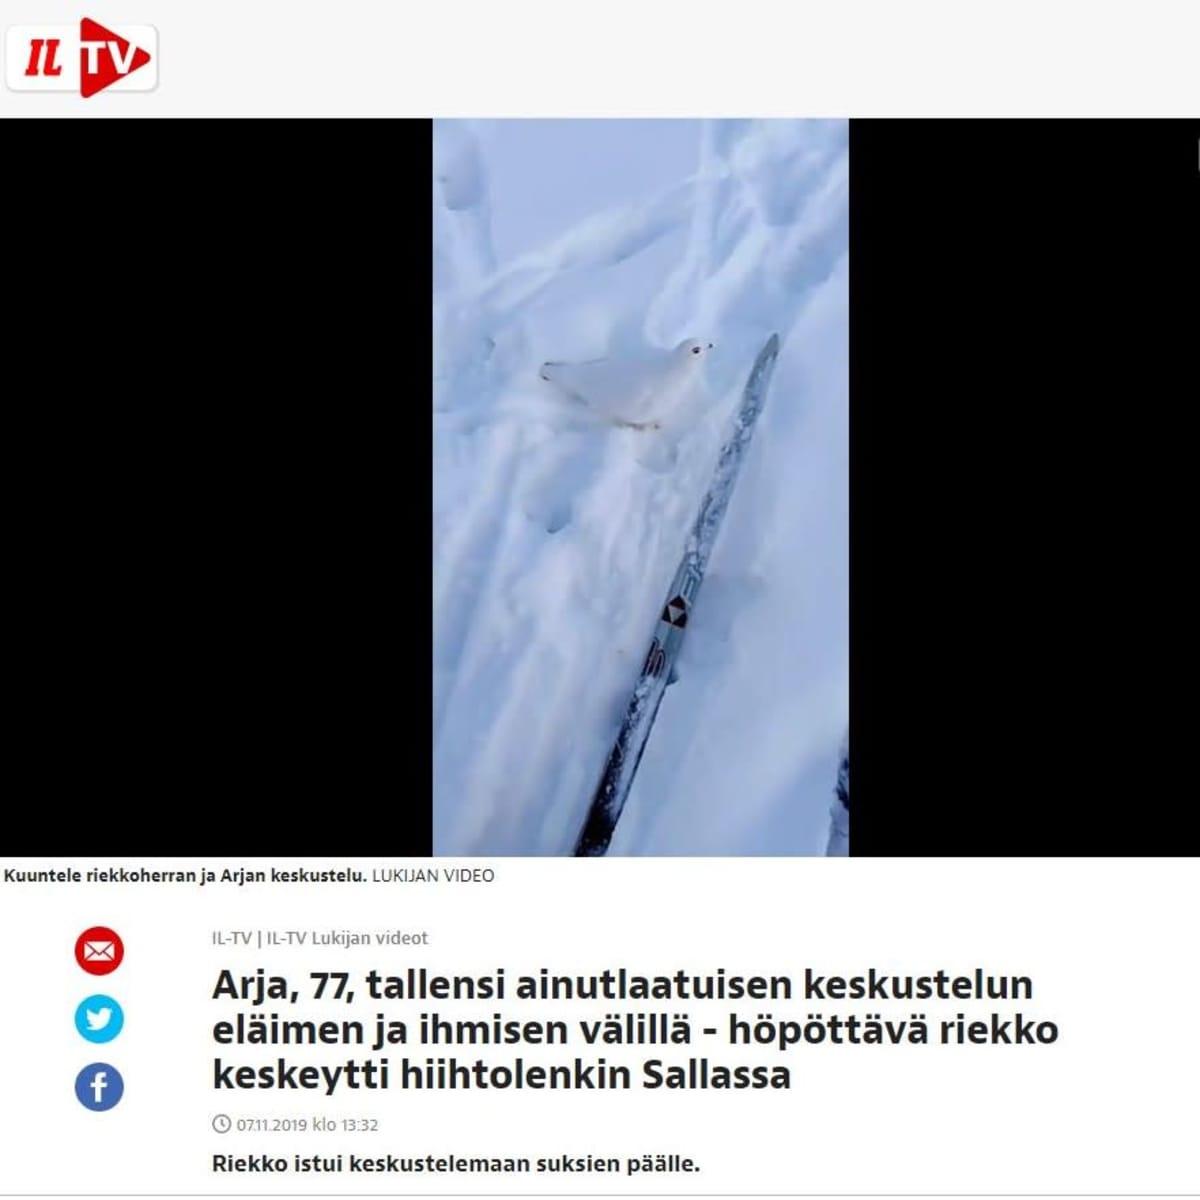 Kuvakaappaus Ilta-Lehden videosta, jossa heidän lukijansa kohtaa hiihtolenkillään riekon.